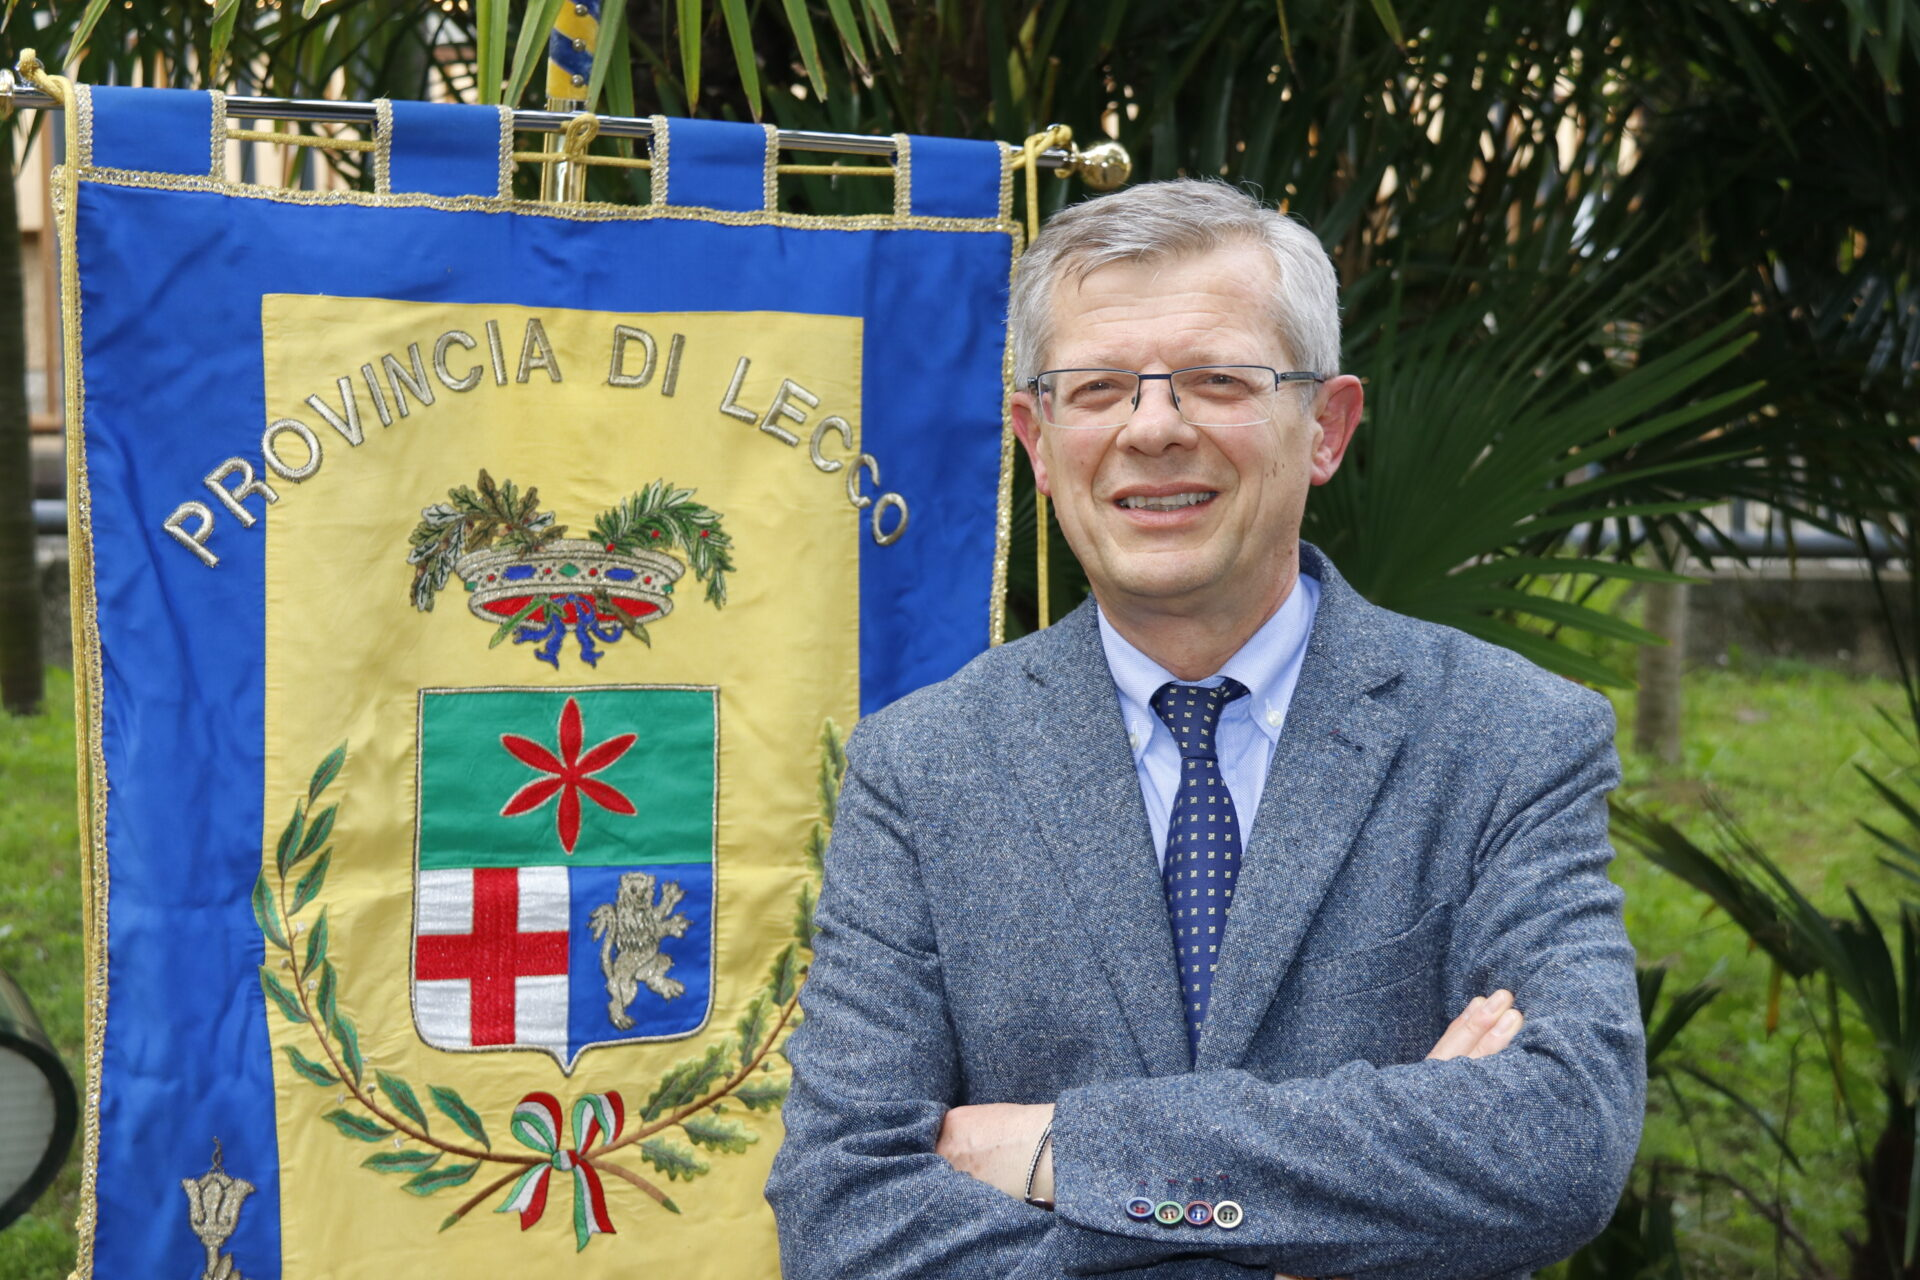 Giuseppe Scaccabarozzi